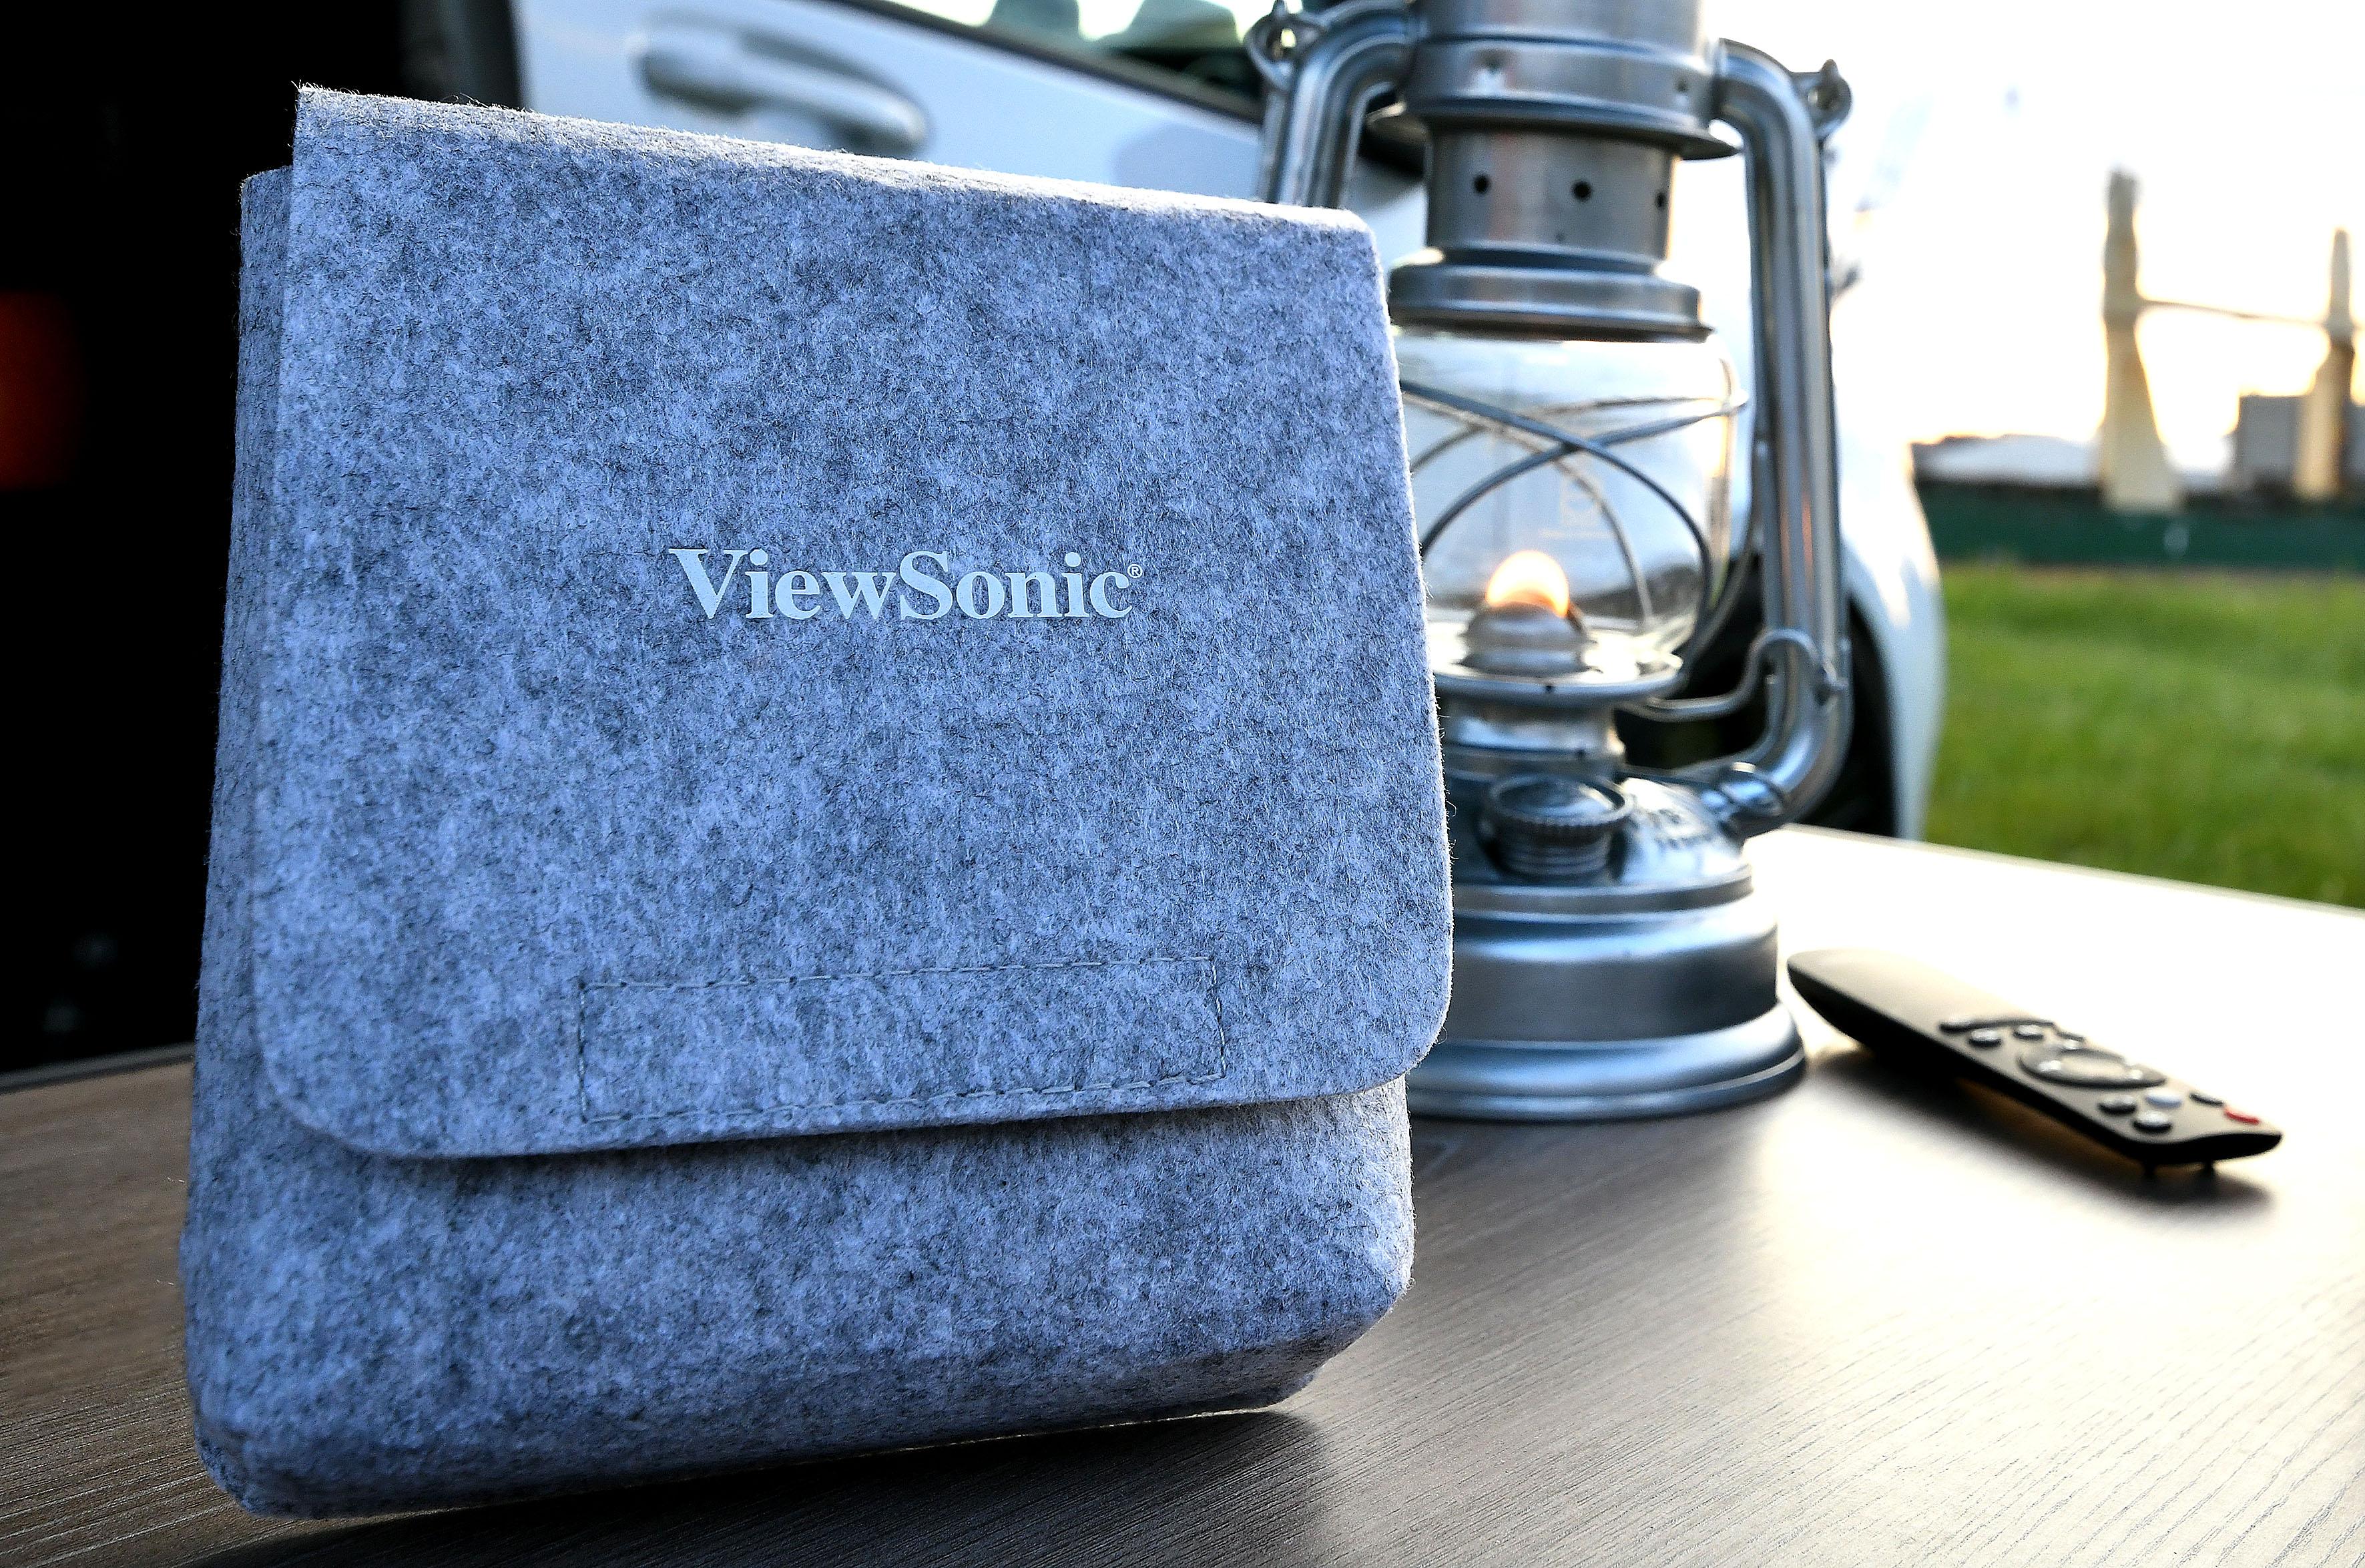 Foto: Michael B. Rehders Für den Transport hat ViewSonic diese schicke graue Tasche spendiert. Sie gehört zum Lieferumfang des M1+ dazu, genauso wie die kleine und handliche Fernbedienung.